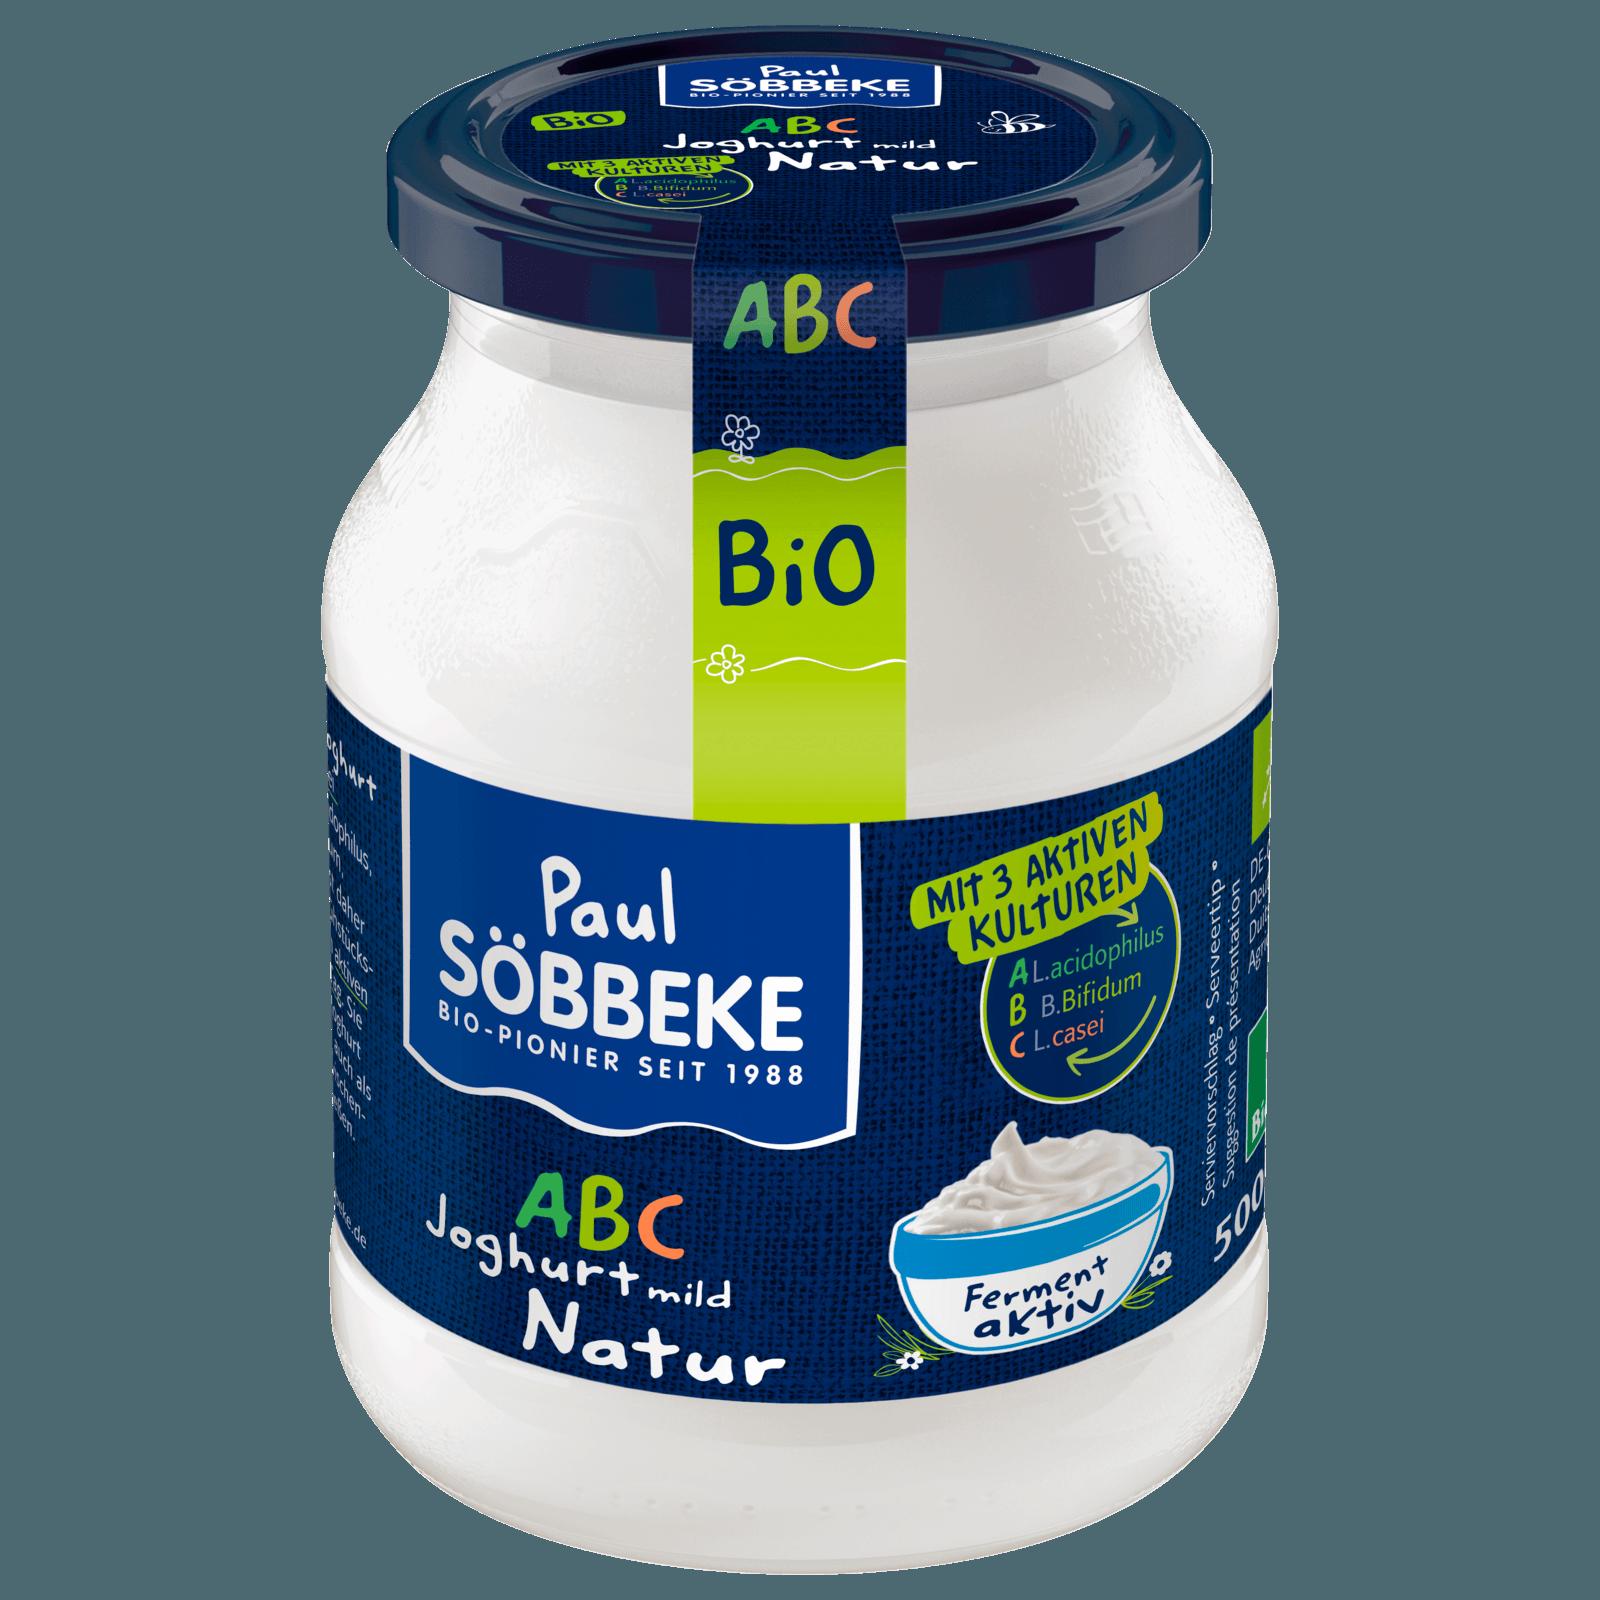 Söbbeke ABC Joghurt 3,8% 500g